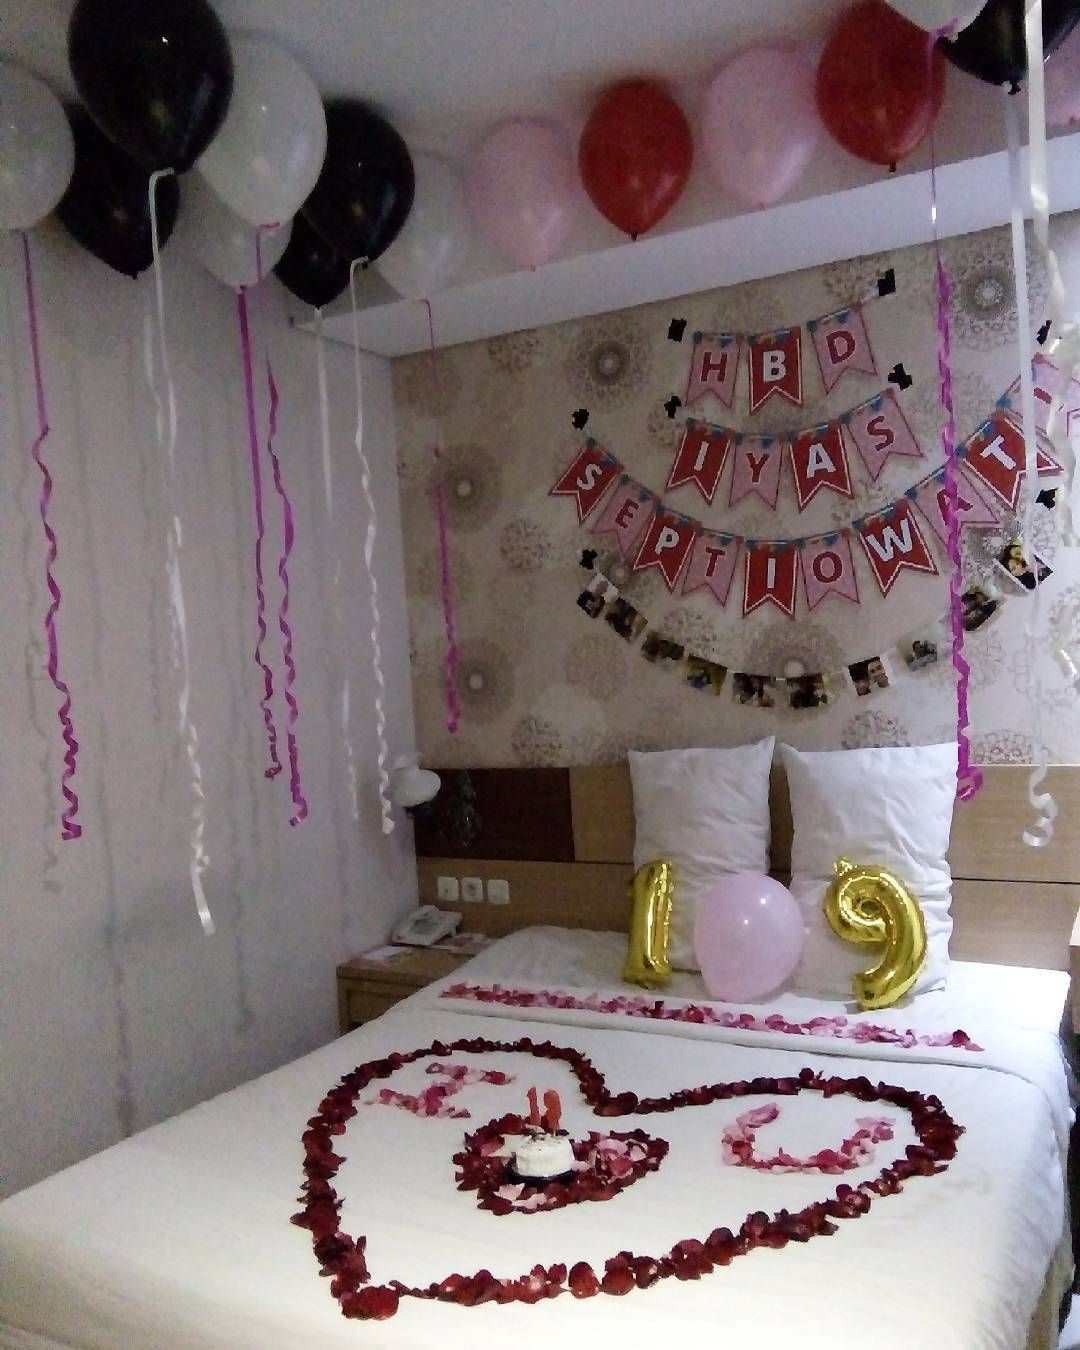 Dekorasi ulang tahun di kamar hotel dekorasi ultah ulang for Dekorasi kamar